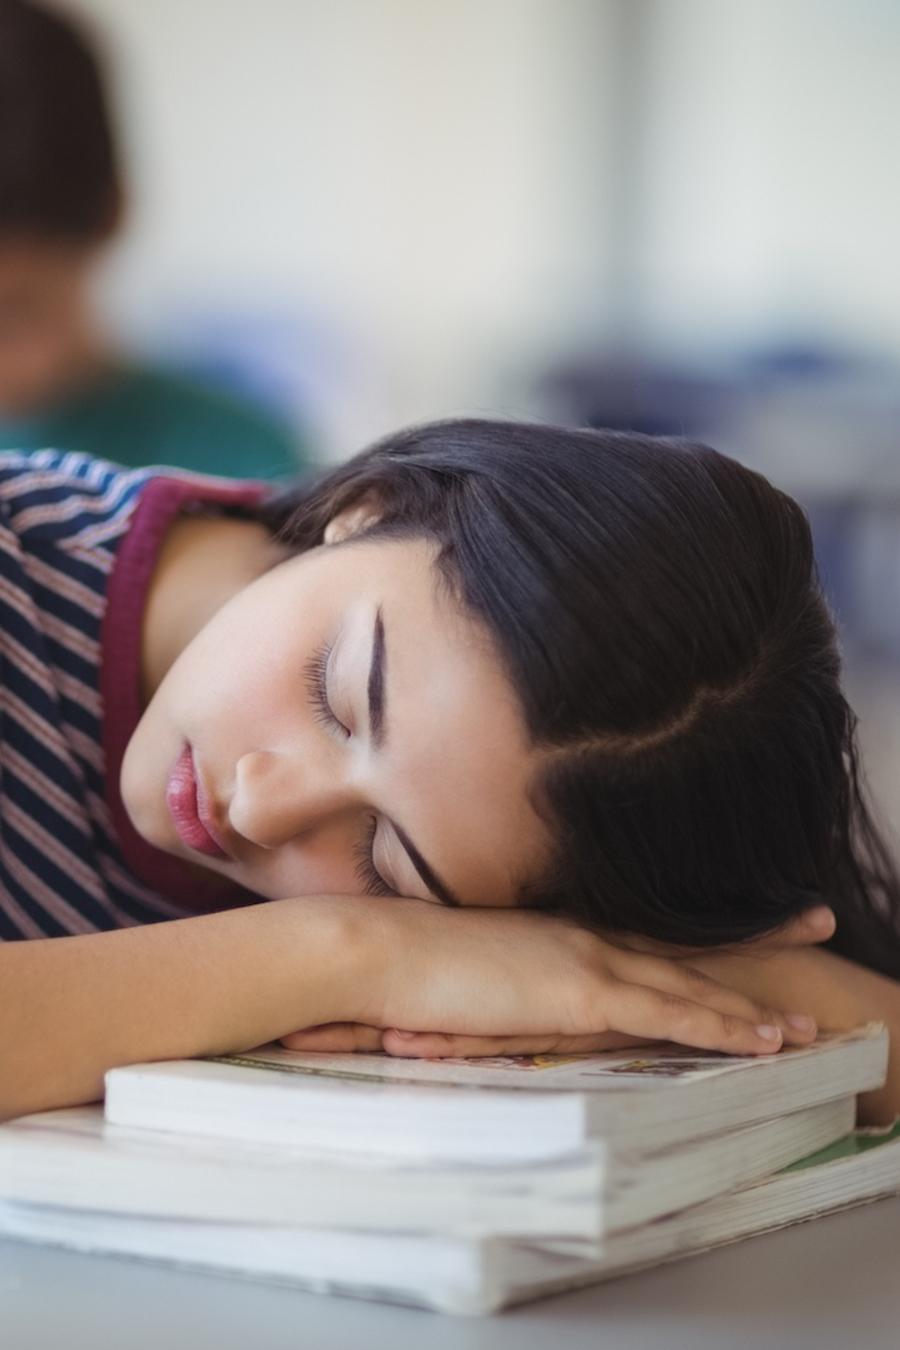 Joven adolescente durmiendo sobre sus libros